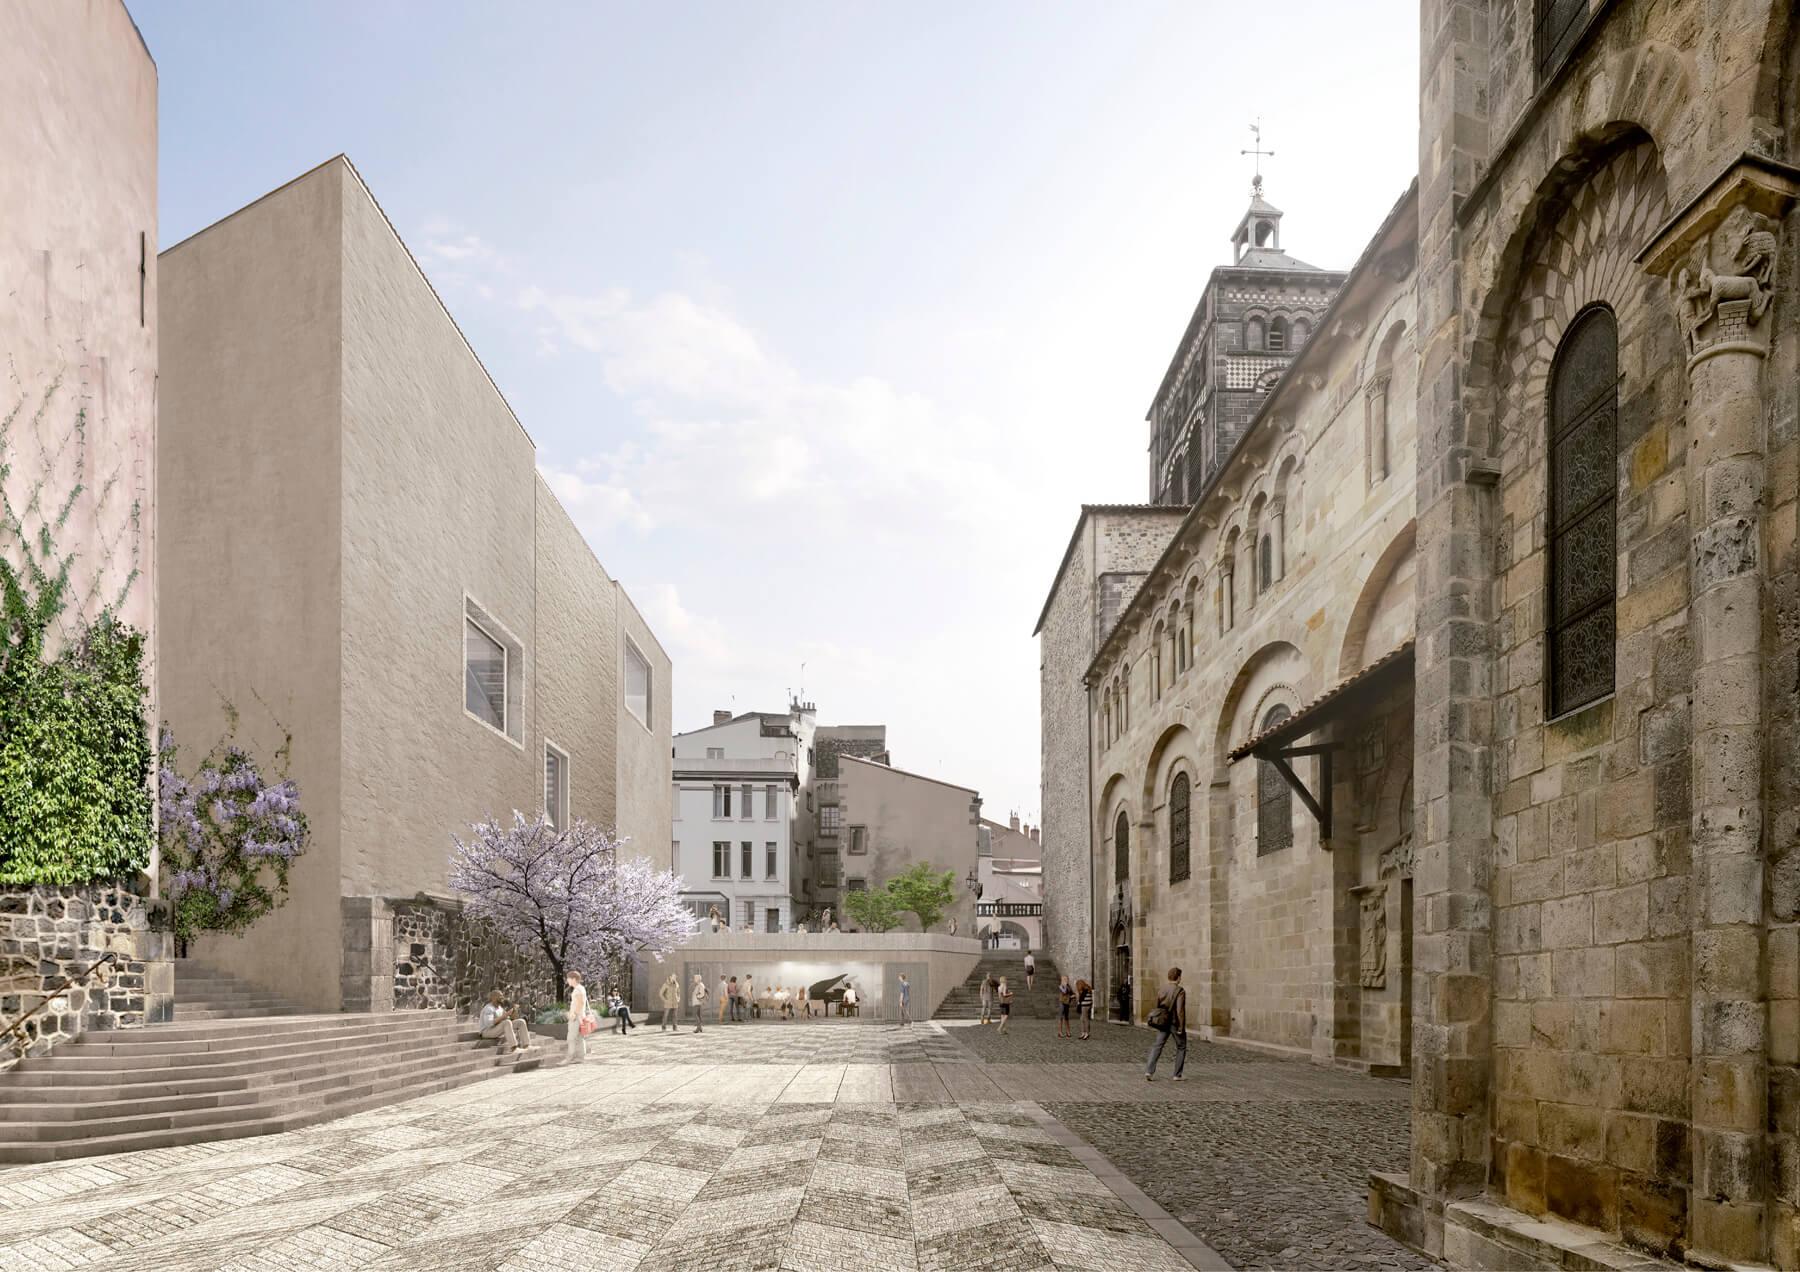 Linazasoro remodelacion basilica clermont vista 2